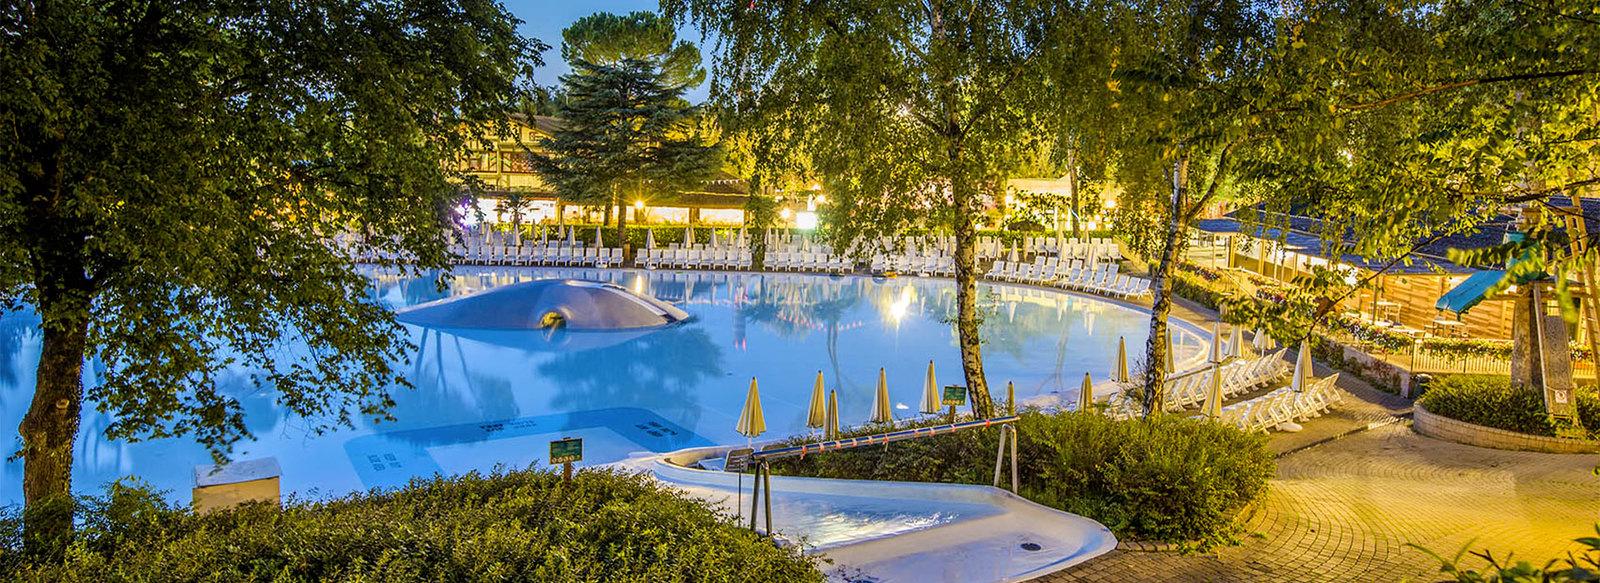 Family Park 4* nei pressi del Lago di Garda